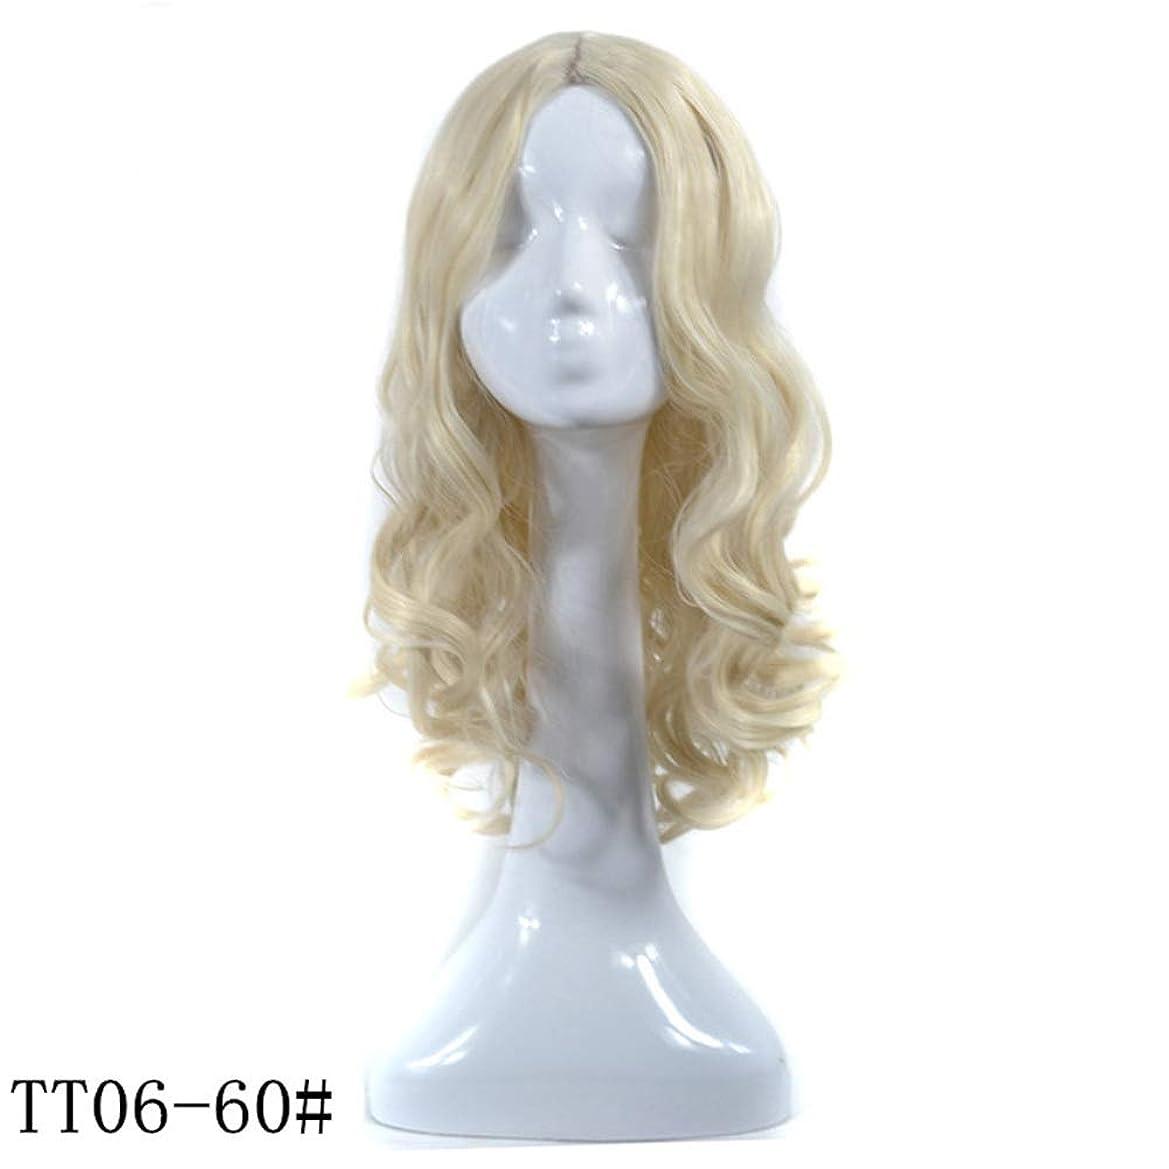 コンセンサスイディオムグループIsikawan 耐熱ベージュ人工毛ウィッグ女性の長い巻き毛の波状 (色 : ベージュ, サイズ : 60cm)